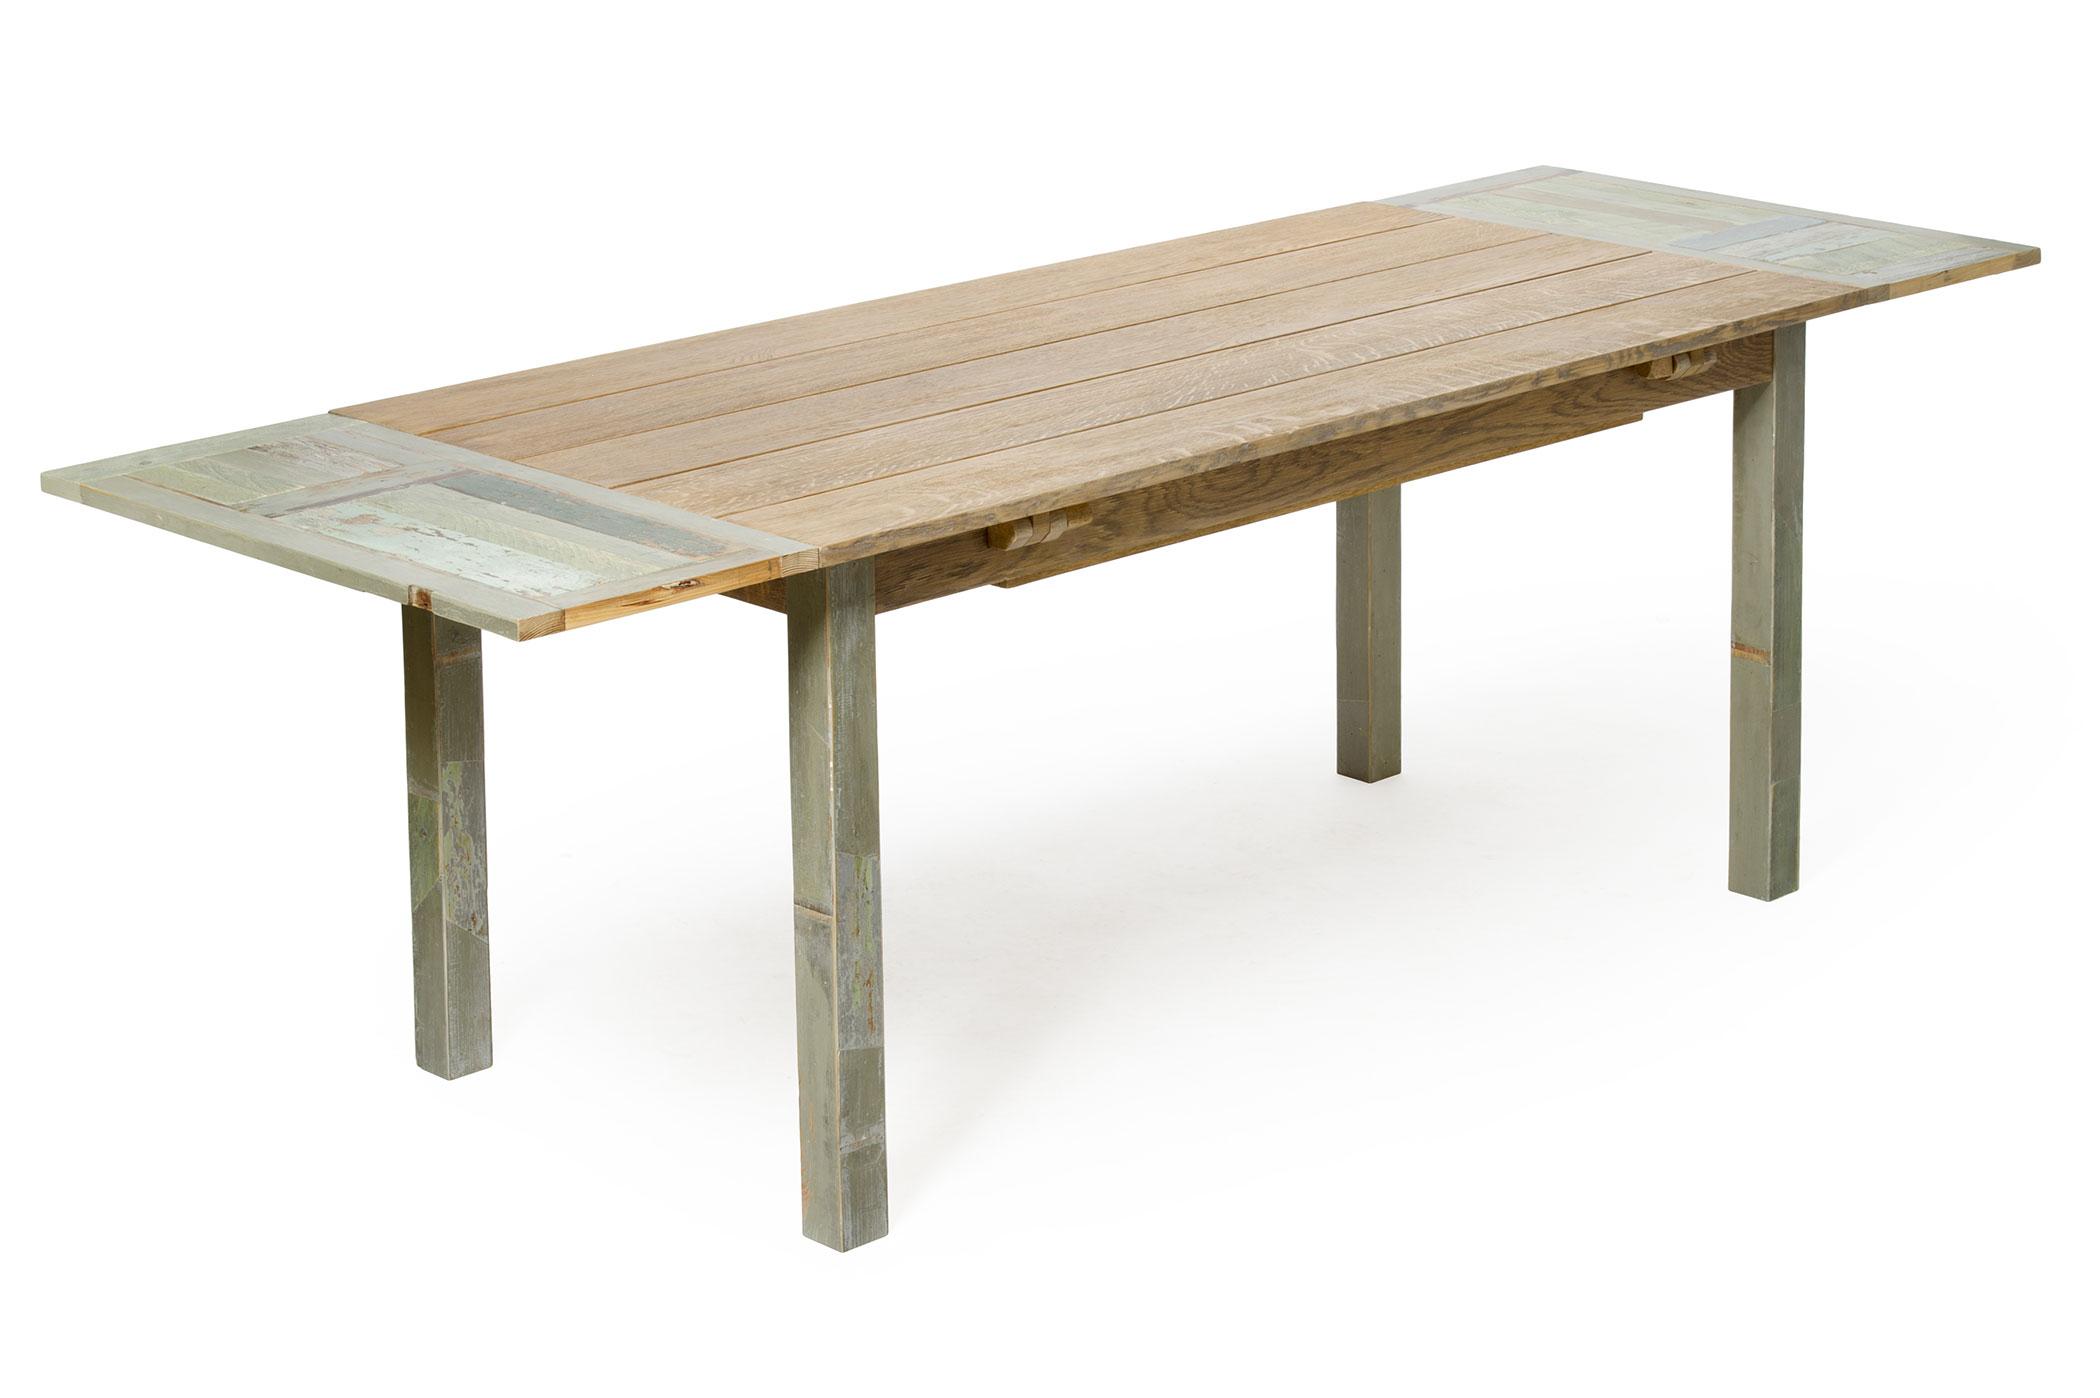 Tavolo in legno massello con prolunghe con apertura su misura